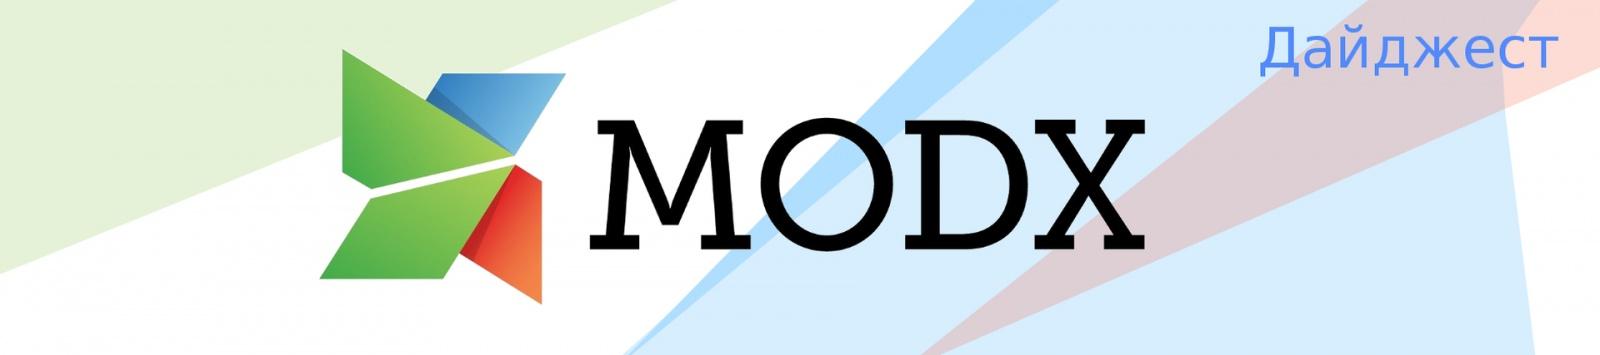 Дайджест интересных материалов из мира MODX #1 - 1